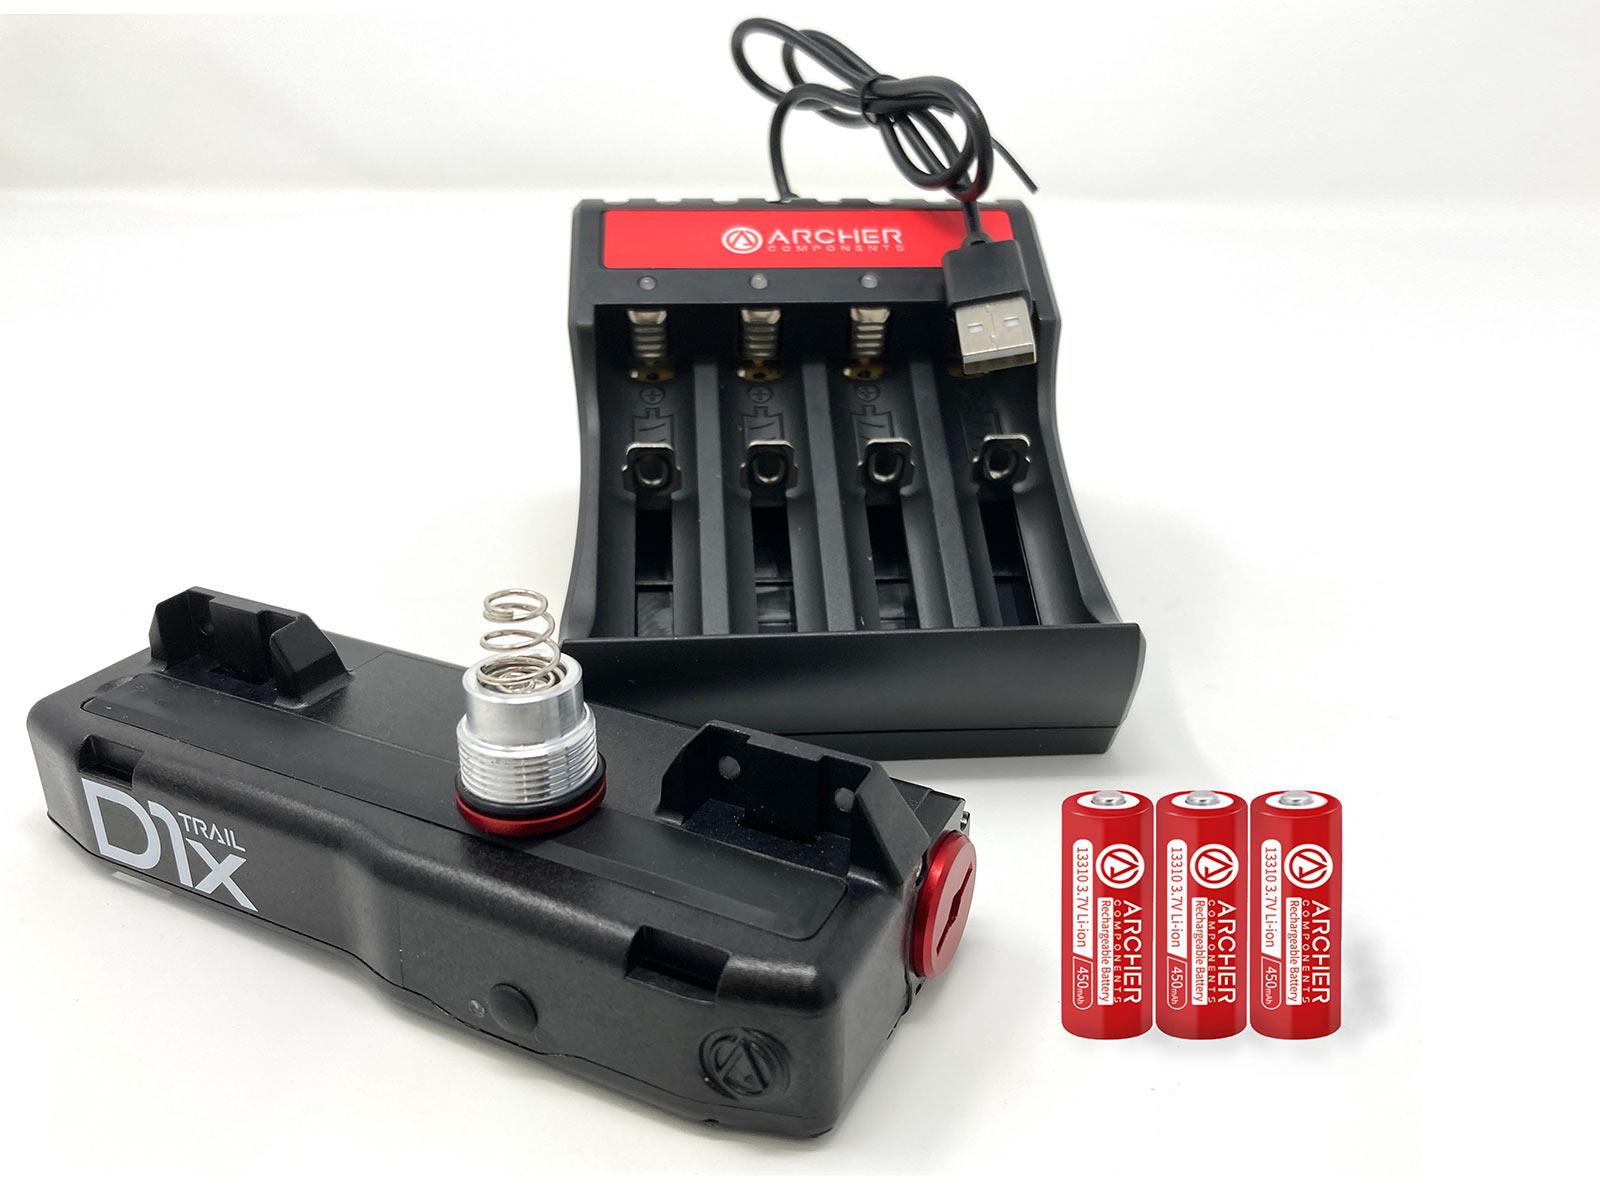 Archer D1x acelera a mudança sem fio colocando baterias mais rápidas